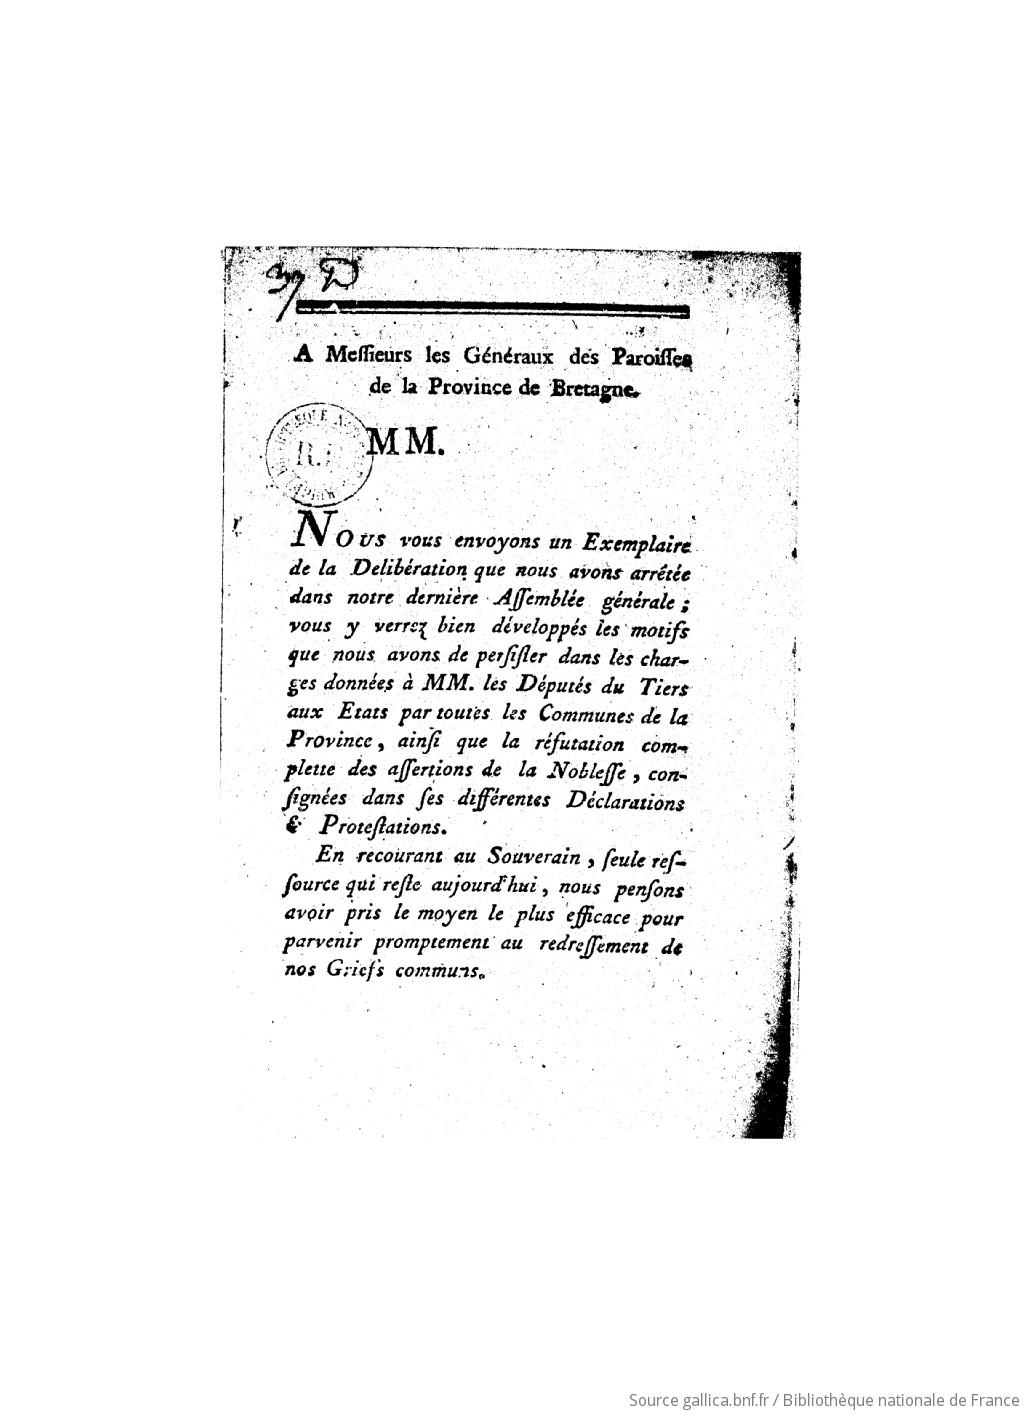 Extrait du registre commun des délibérations des dix paroisses de la ville de Rennes : du 19 janvier 1789 ([Reprod.]) | Eglise catholique